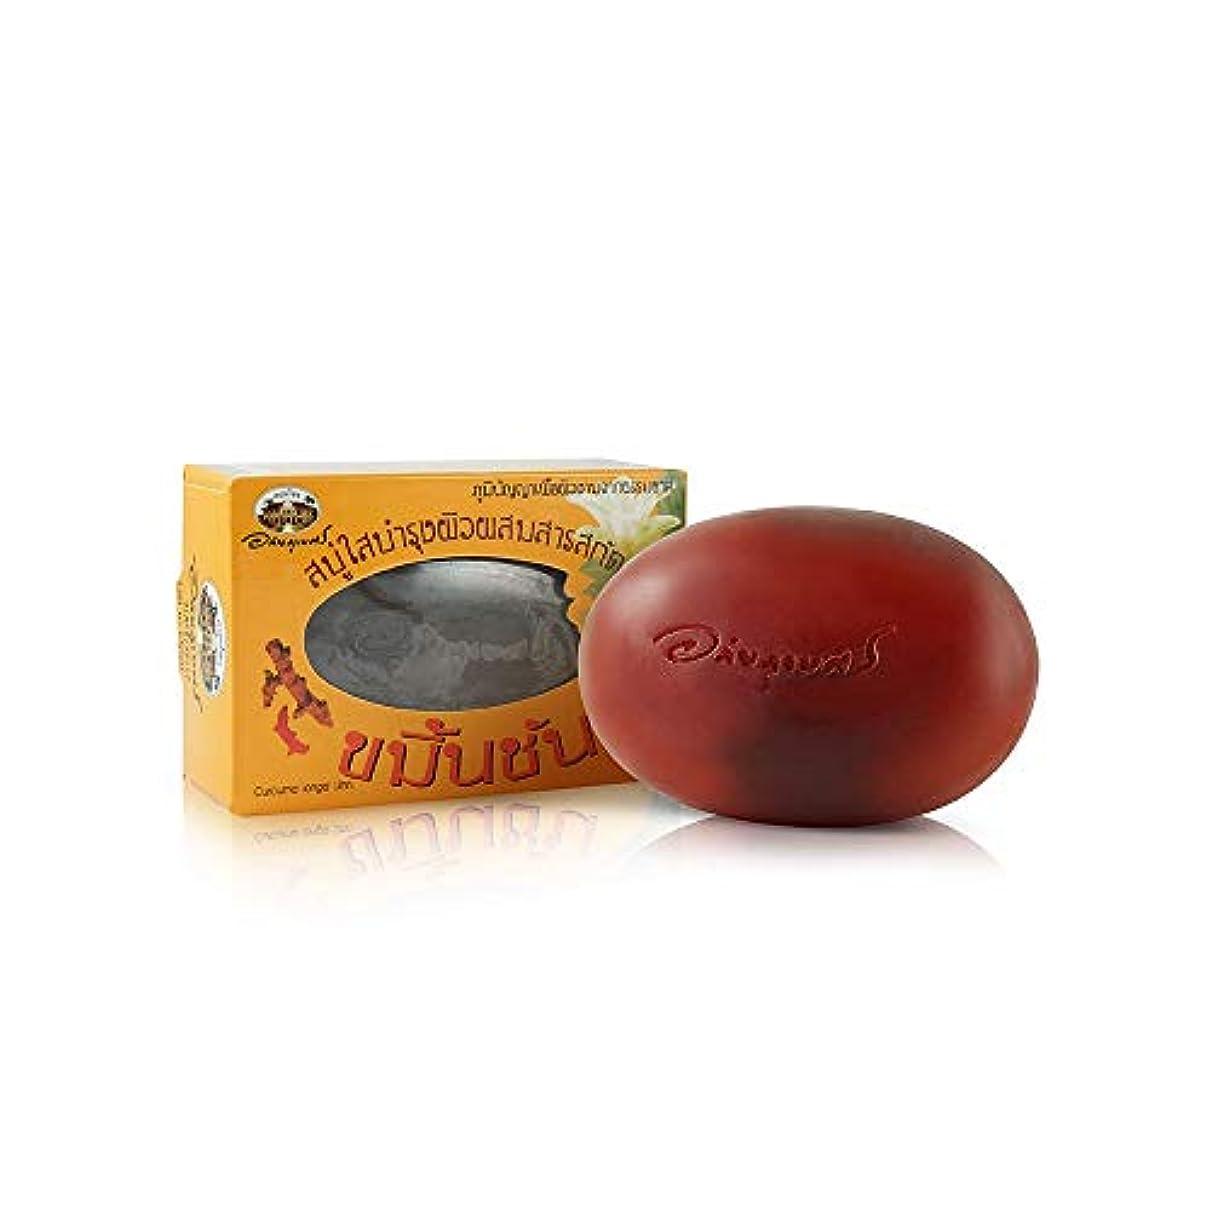 スタジアム主流叱るAbhaibhubejhr Turmeric Vitamin E Herbal Body Cleansing Soap 100g. Abhaibhubejhrターメリックハーブボディクレンジングソープ100グラム。